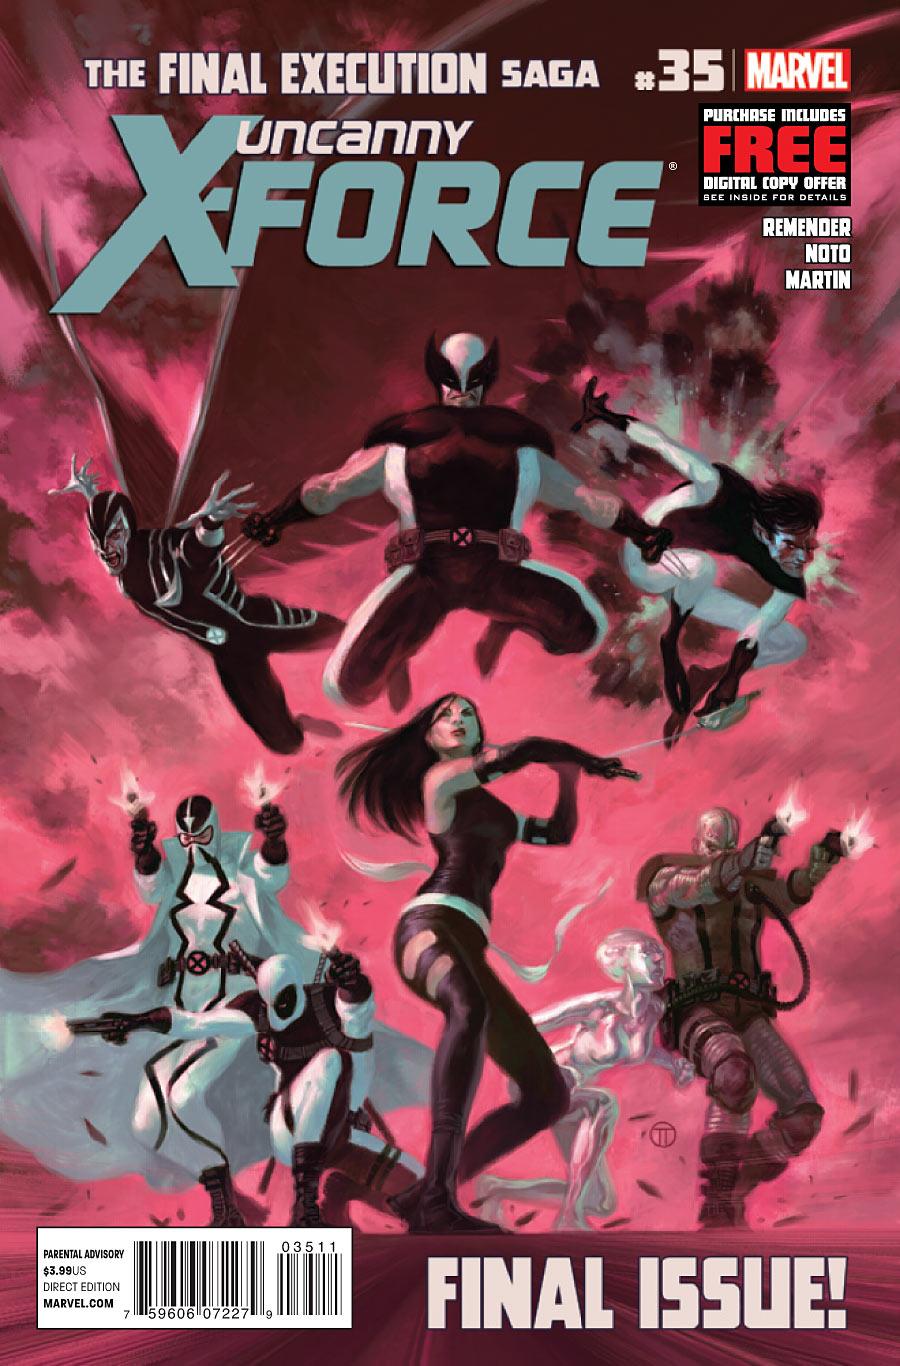 Uncanny X-Force vol. 1 #35